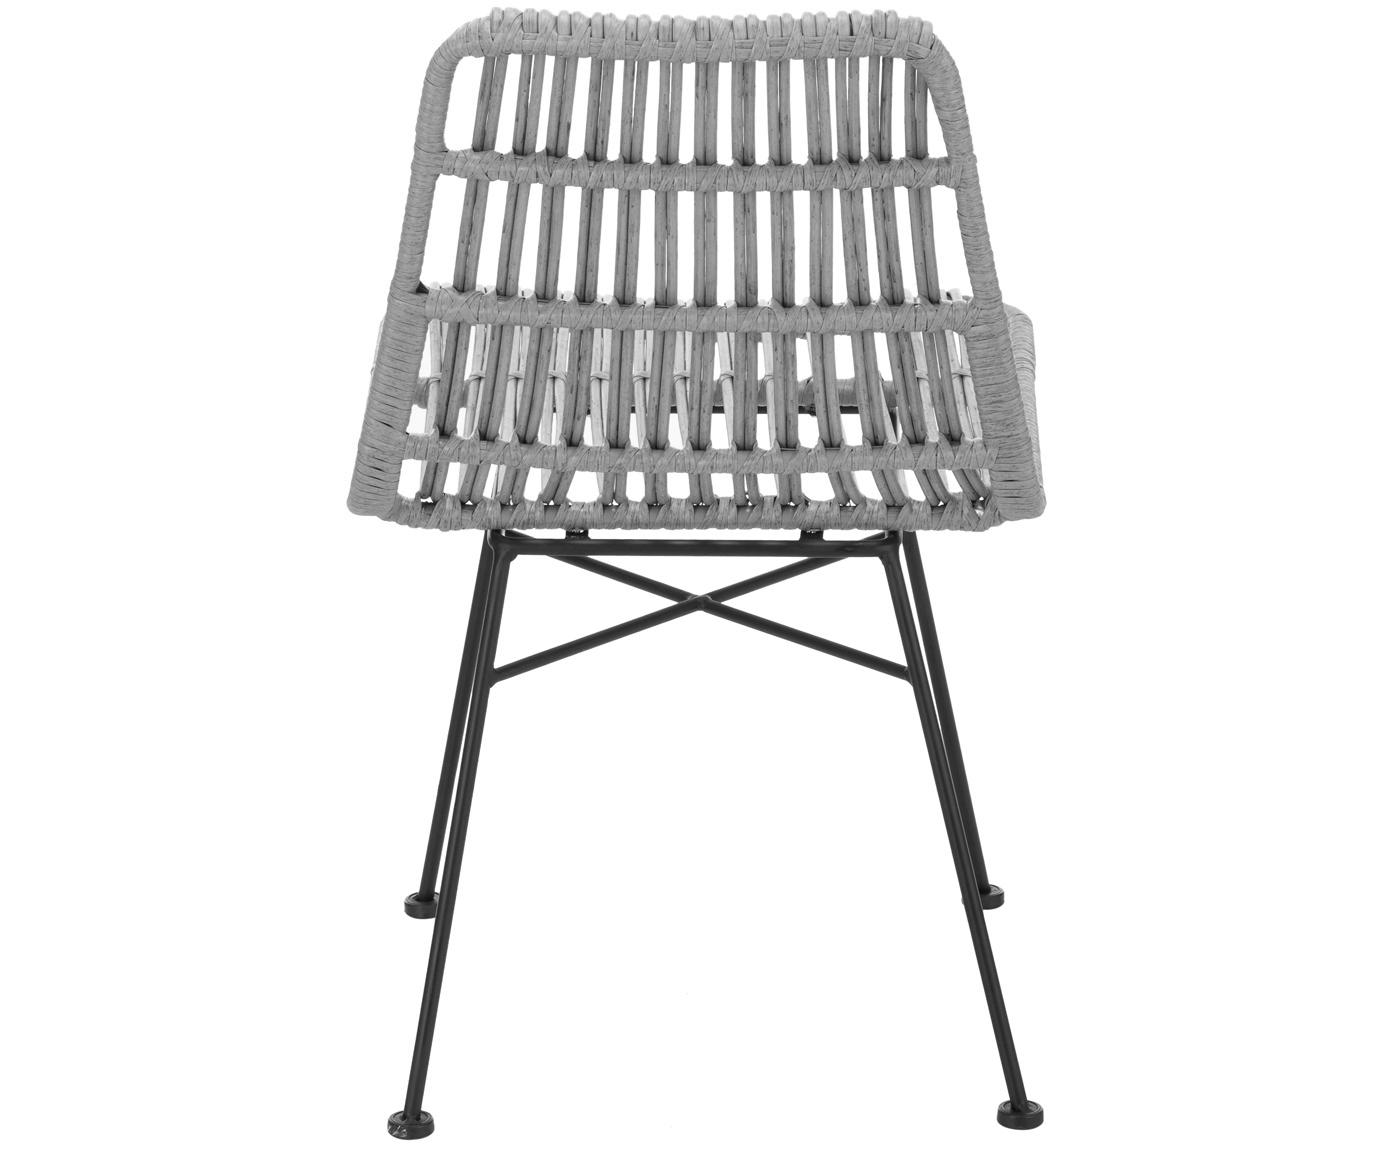 Polyratanová židle Costa, 2 ks, Šedá Nohy: černá